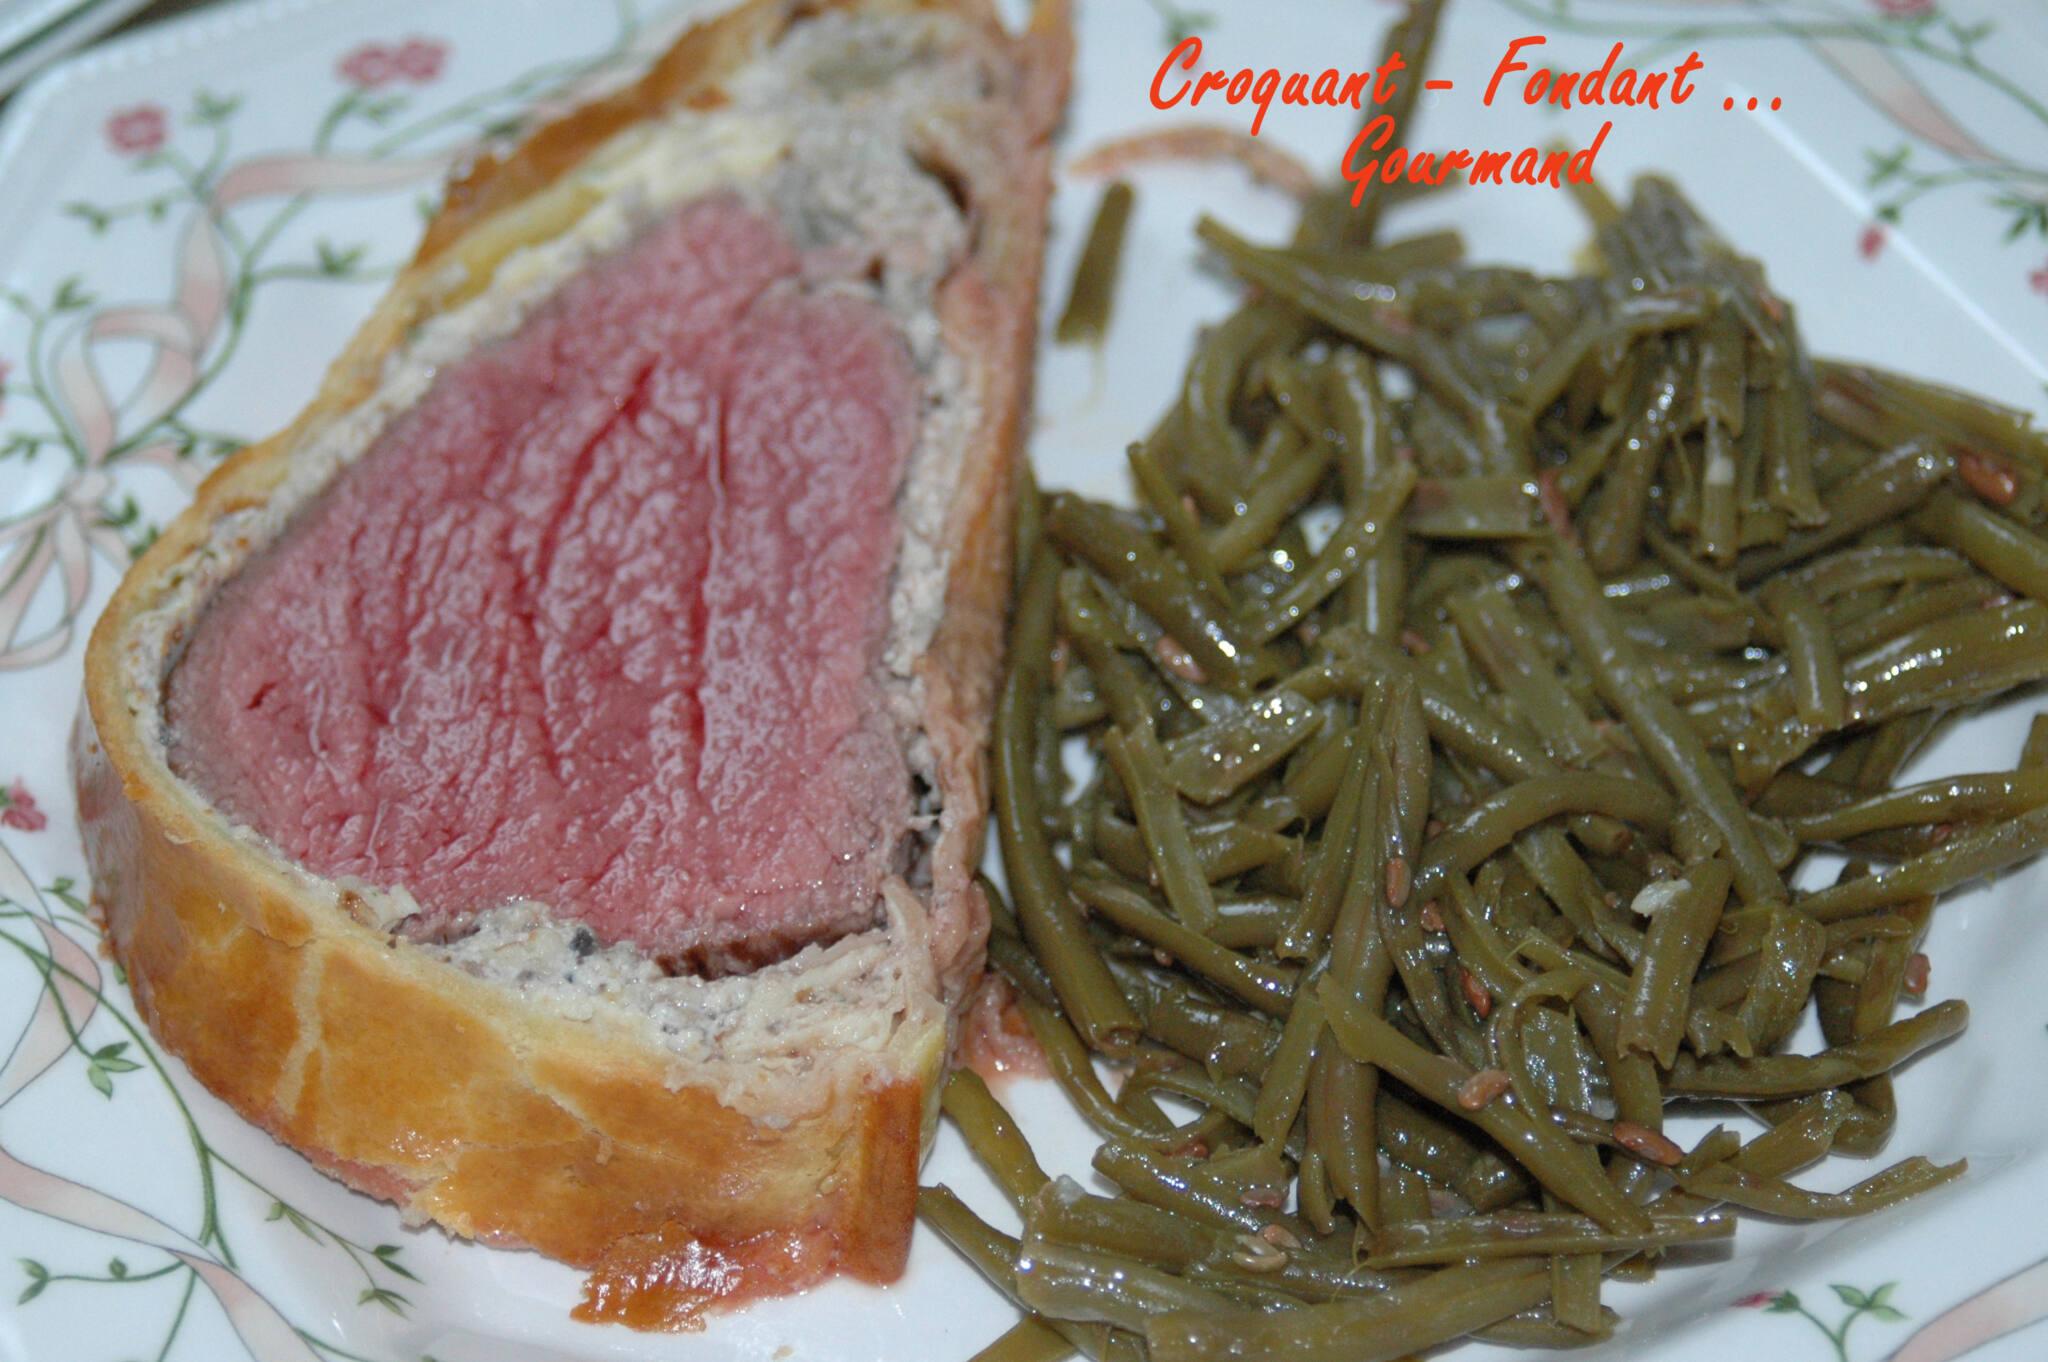 Filet de b uf en cro te de champignons croquant fondant gourmand - Cuisson filet de boeuf au four chaleur tournante ...